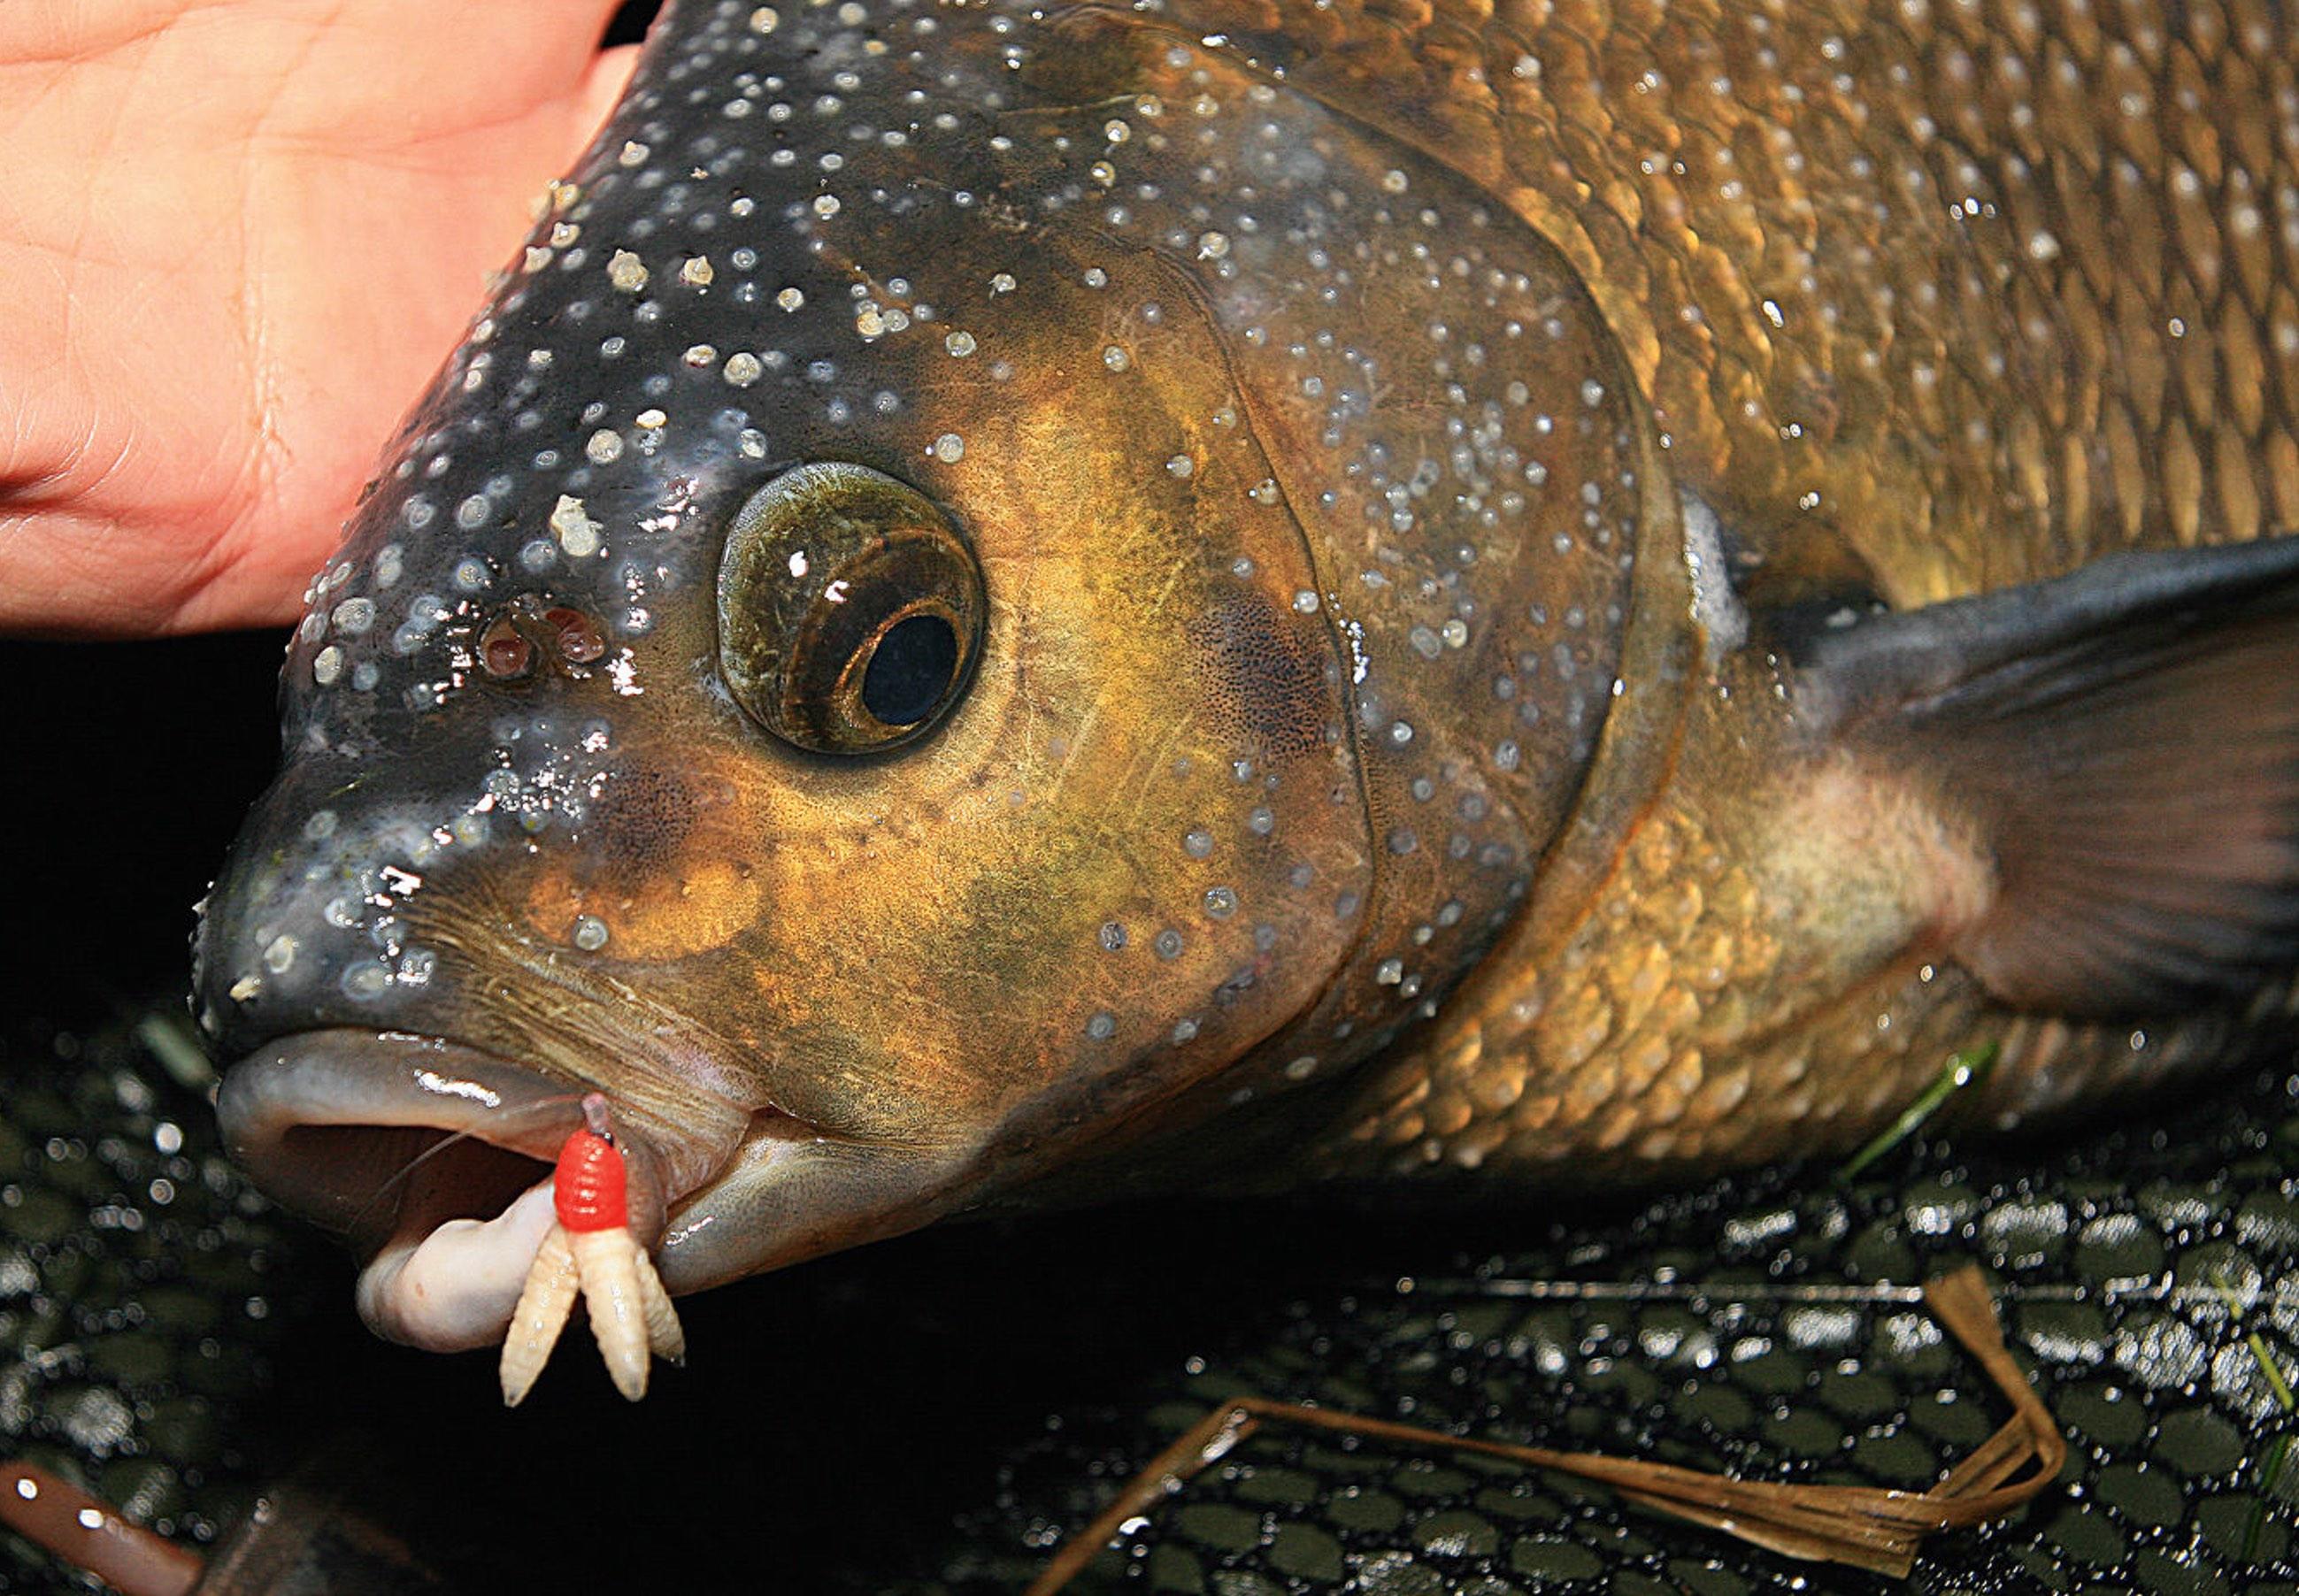 Dieser Brassen weist einen Laichausschlag auf, was an den bläschenförmigen Hautausstülpungen am Kopf des Fisches zu erkennen ist.